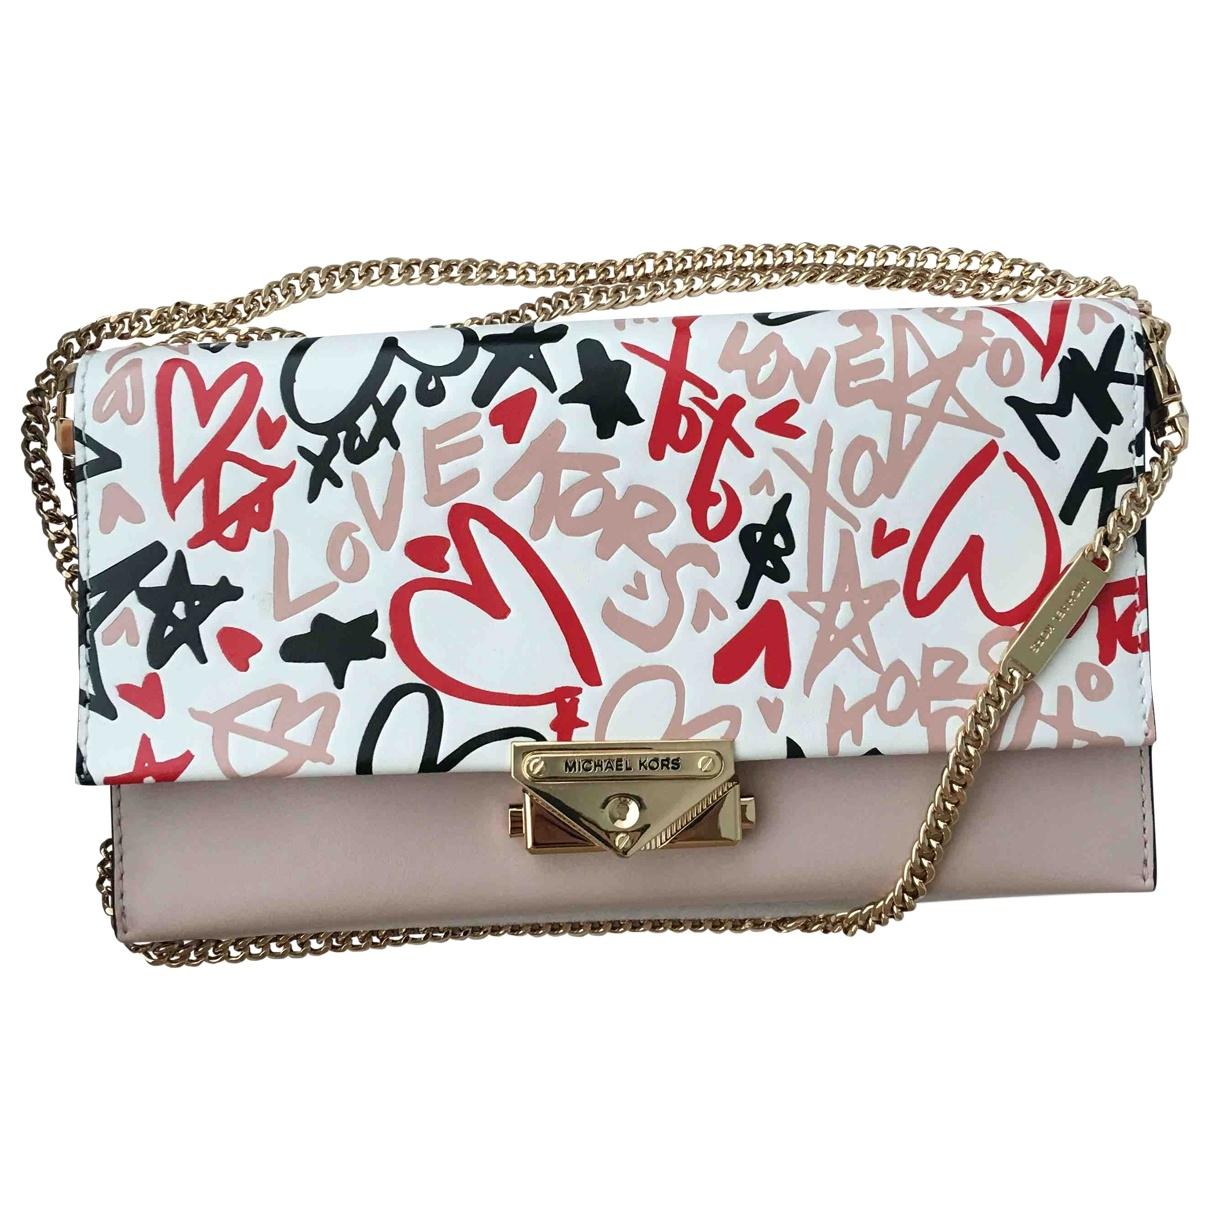 Michael Kors \N Leather handbag for Women \N